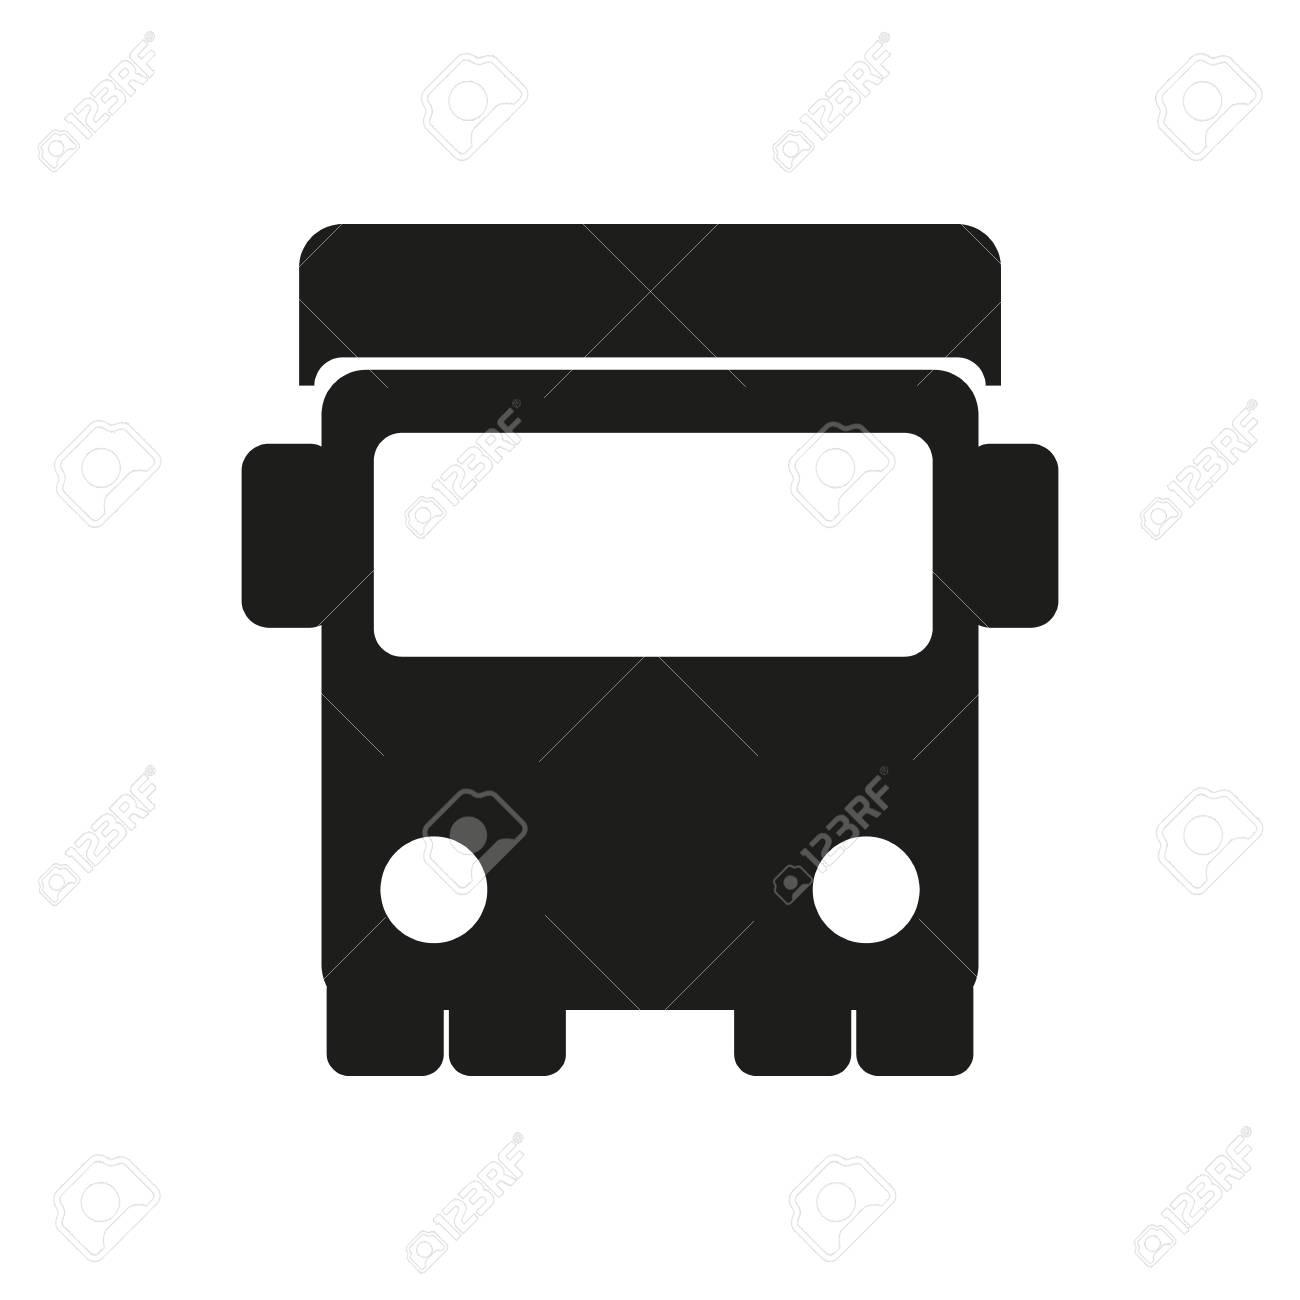 Carro De Icono Simple Silueta Sobre Fondo Blanco. Transporte ...